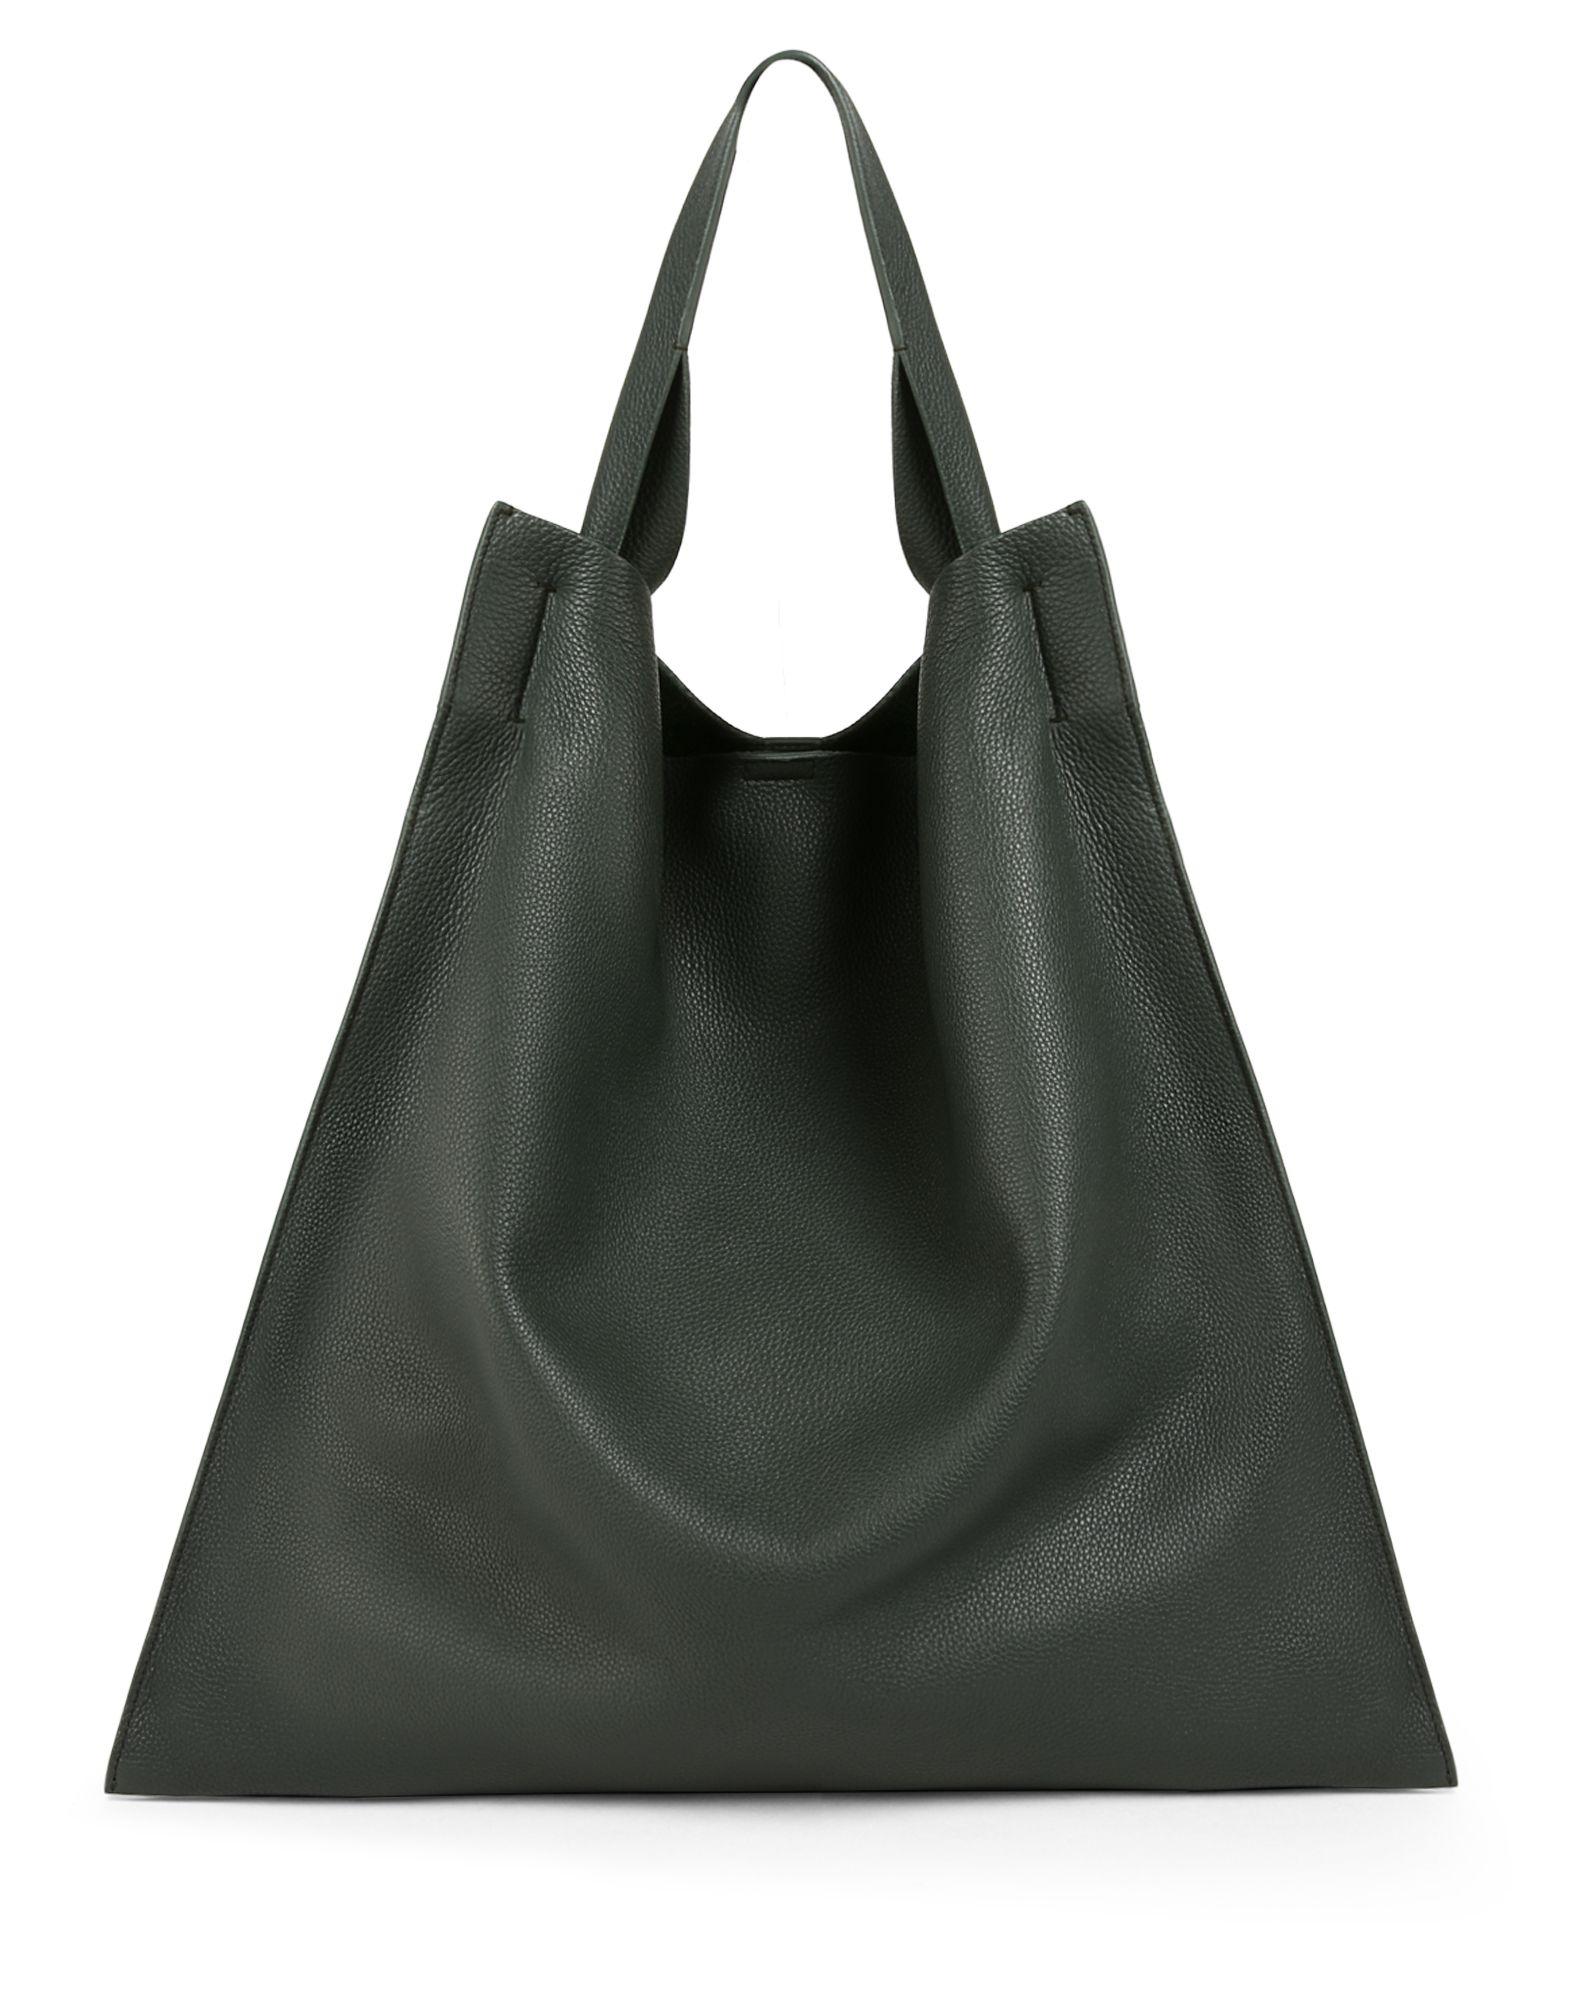 f190223dcd47 Tote Women - Bags Women on Jil Sander Online Store